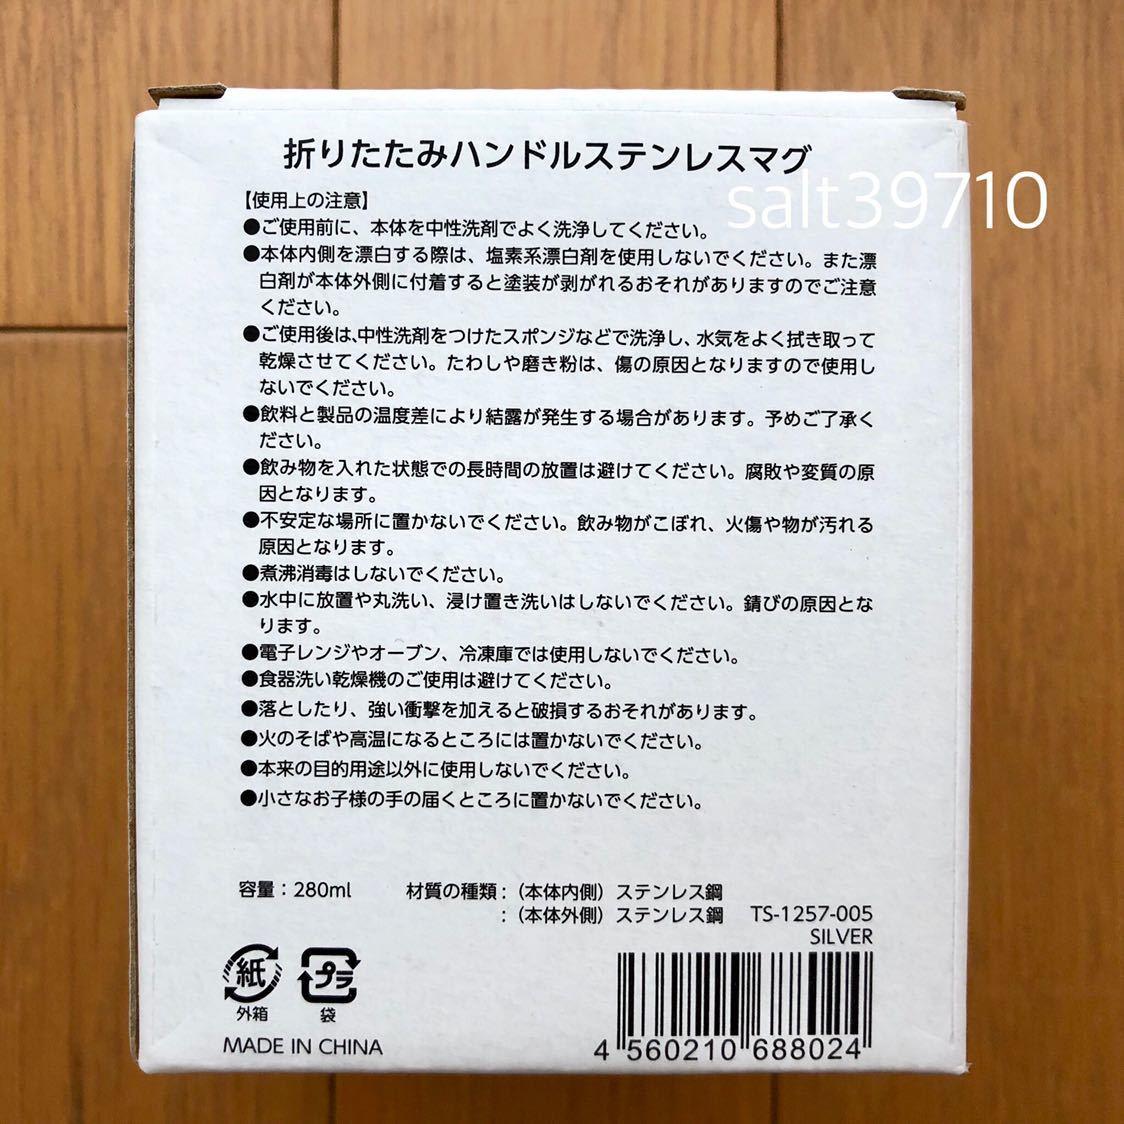 プジョー PEUGEOT★オリジナル 折りたたみハンドルステンレスマグ★新品未使用★非売品